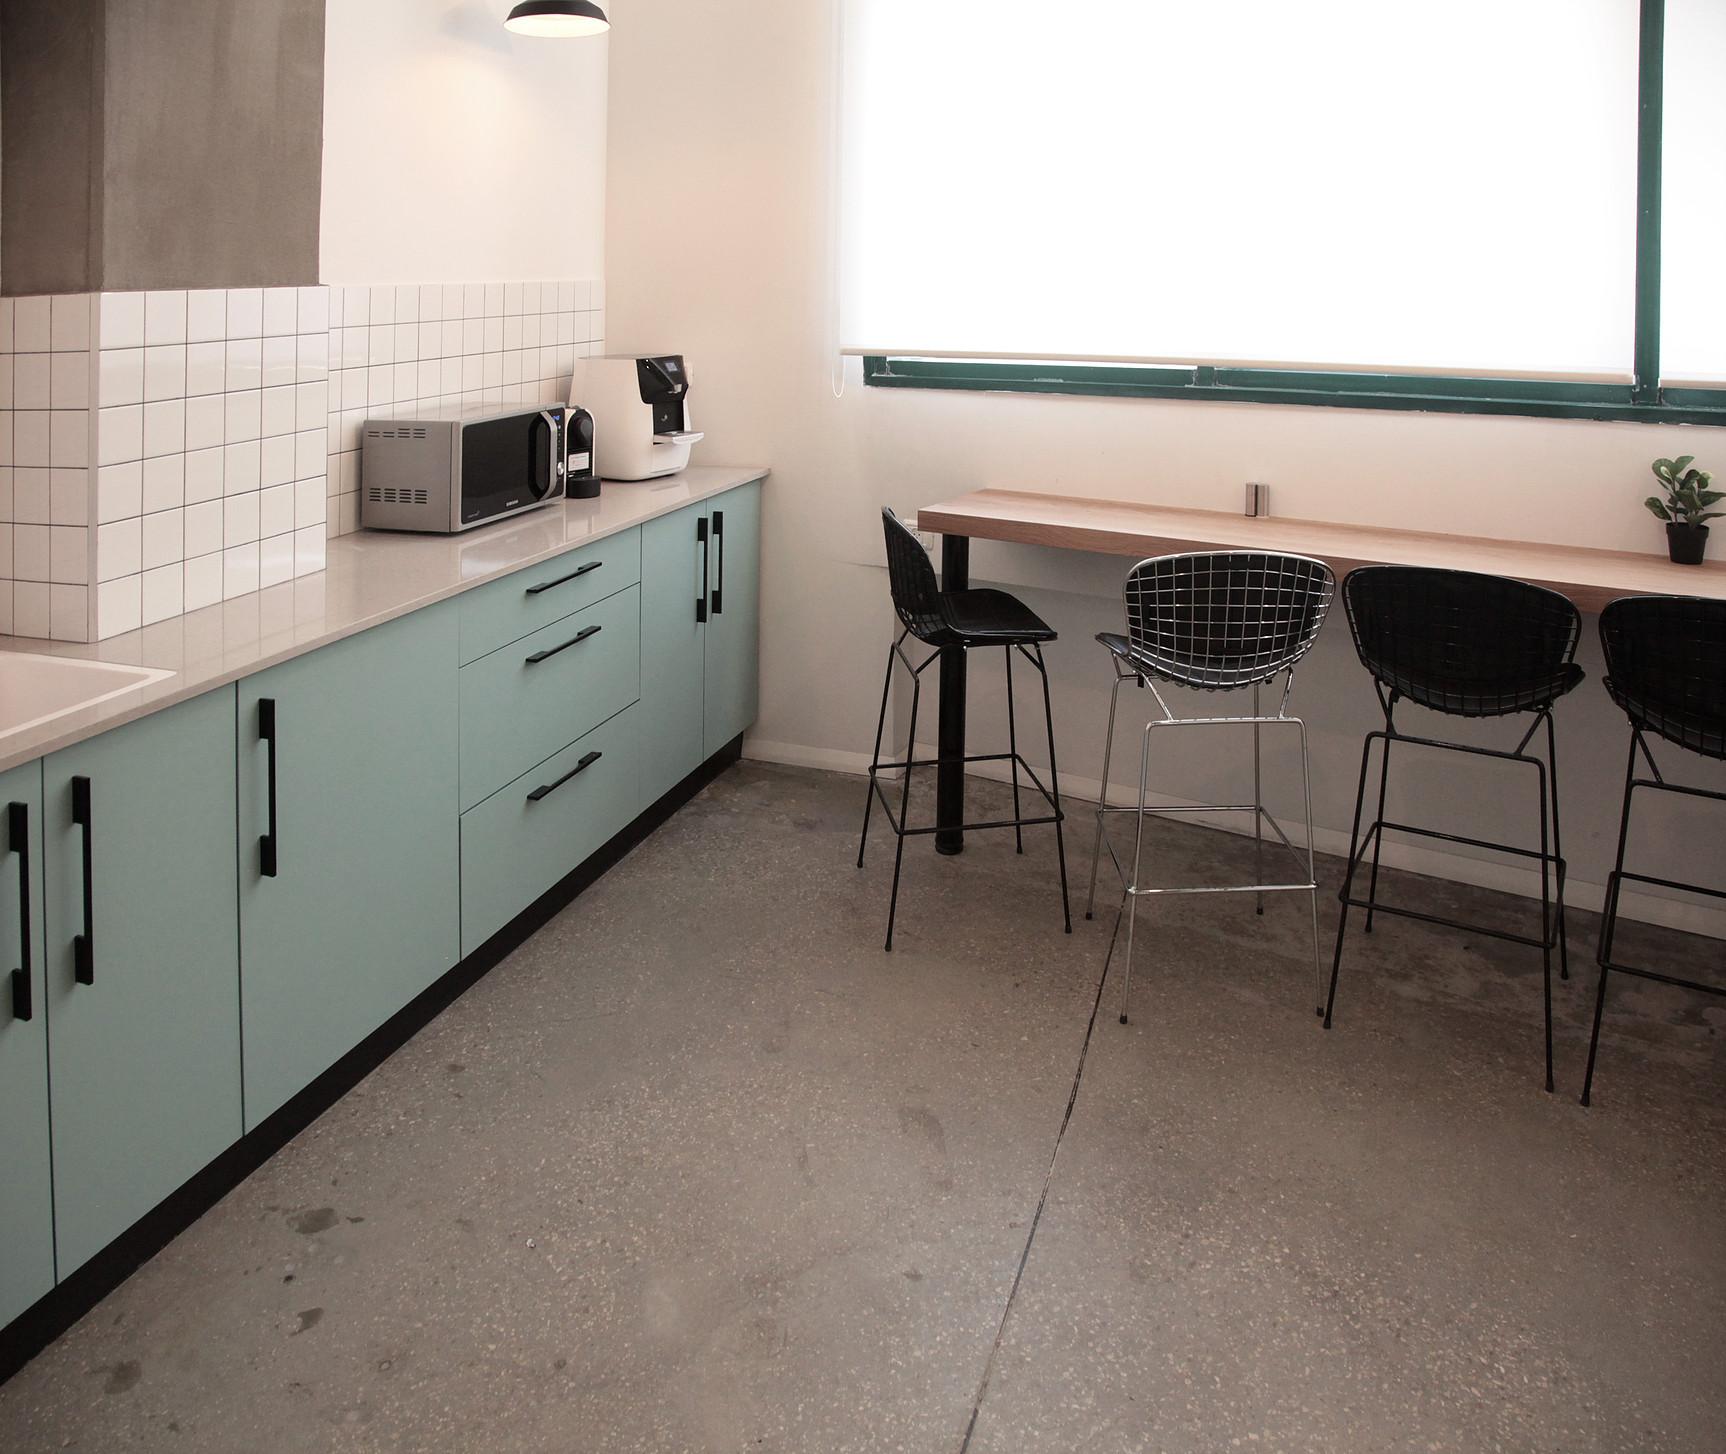 Office mint color kitchen